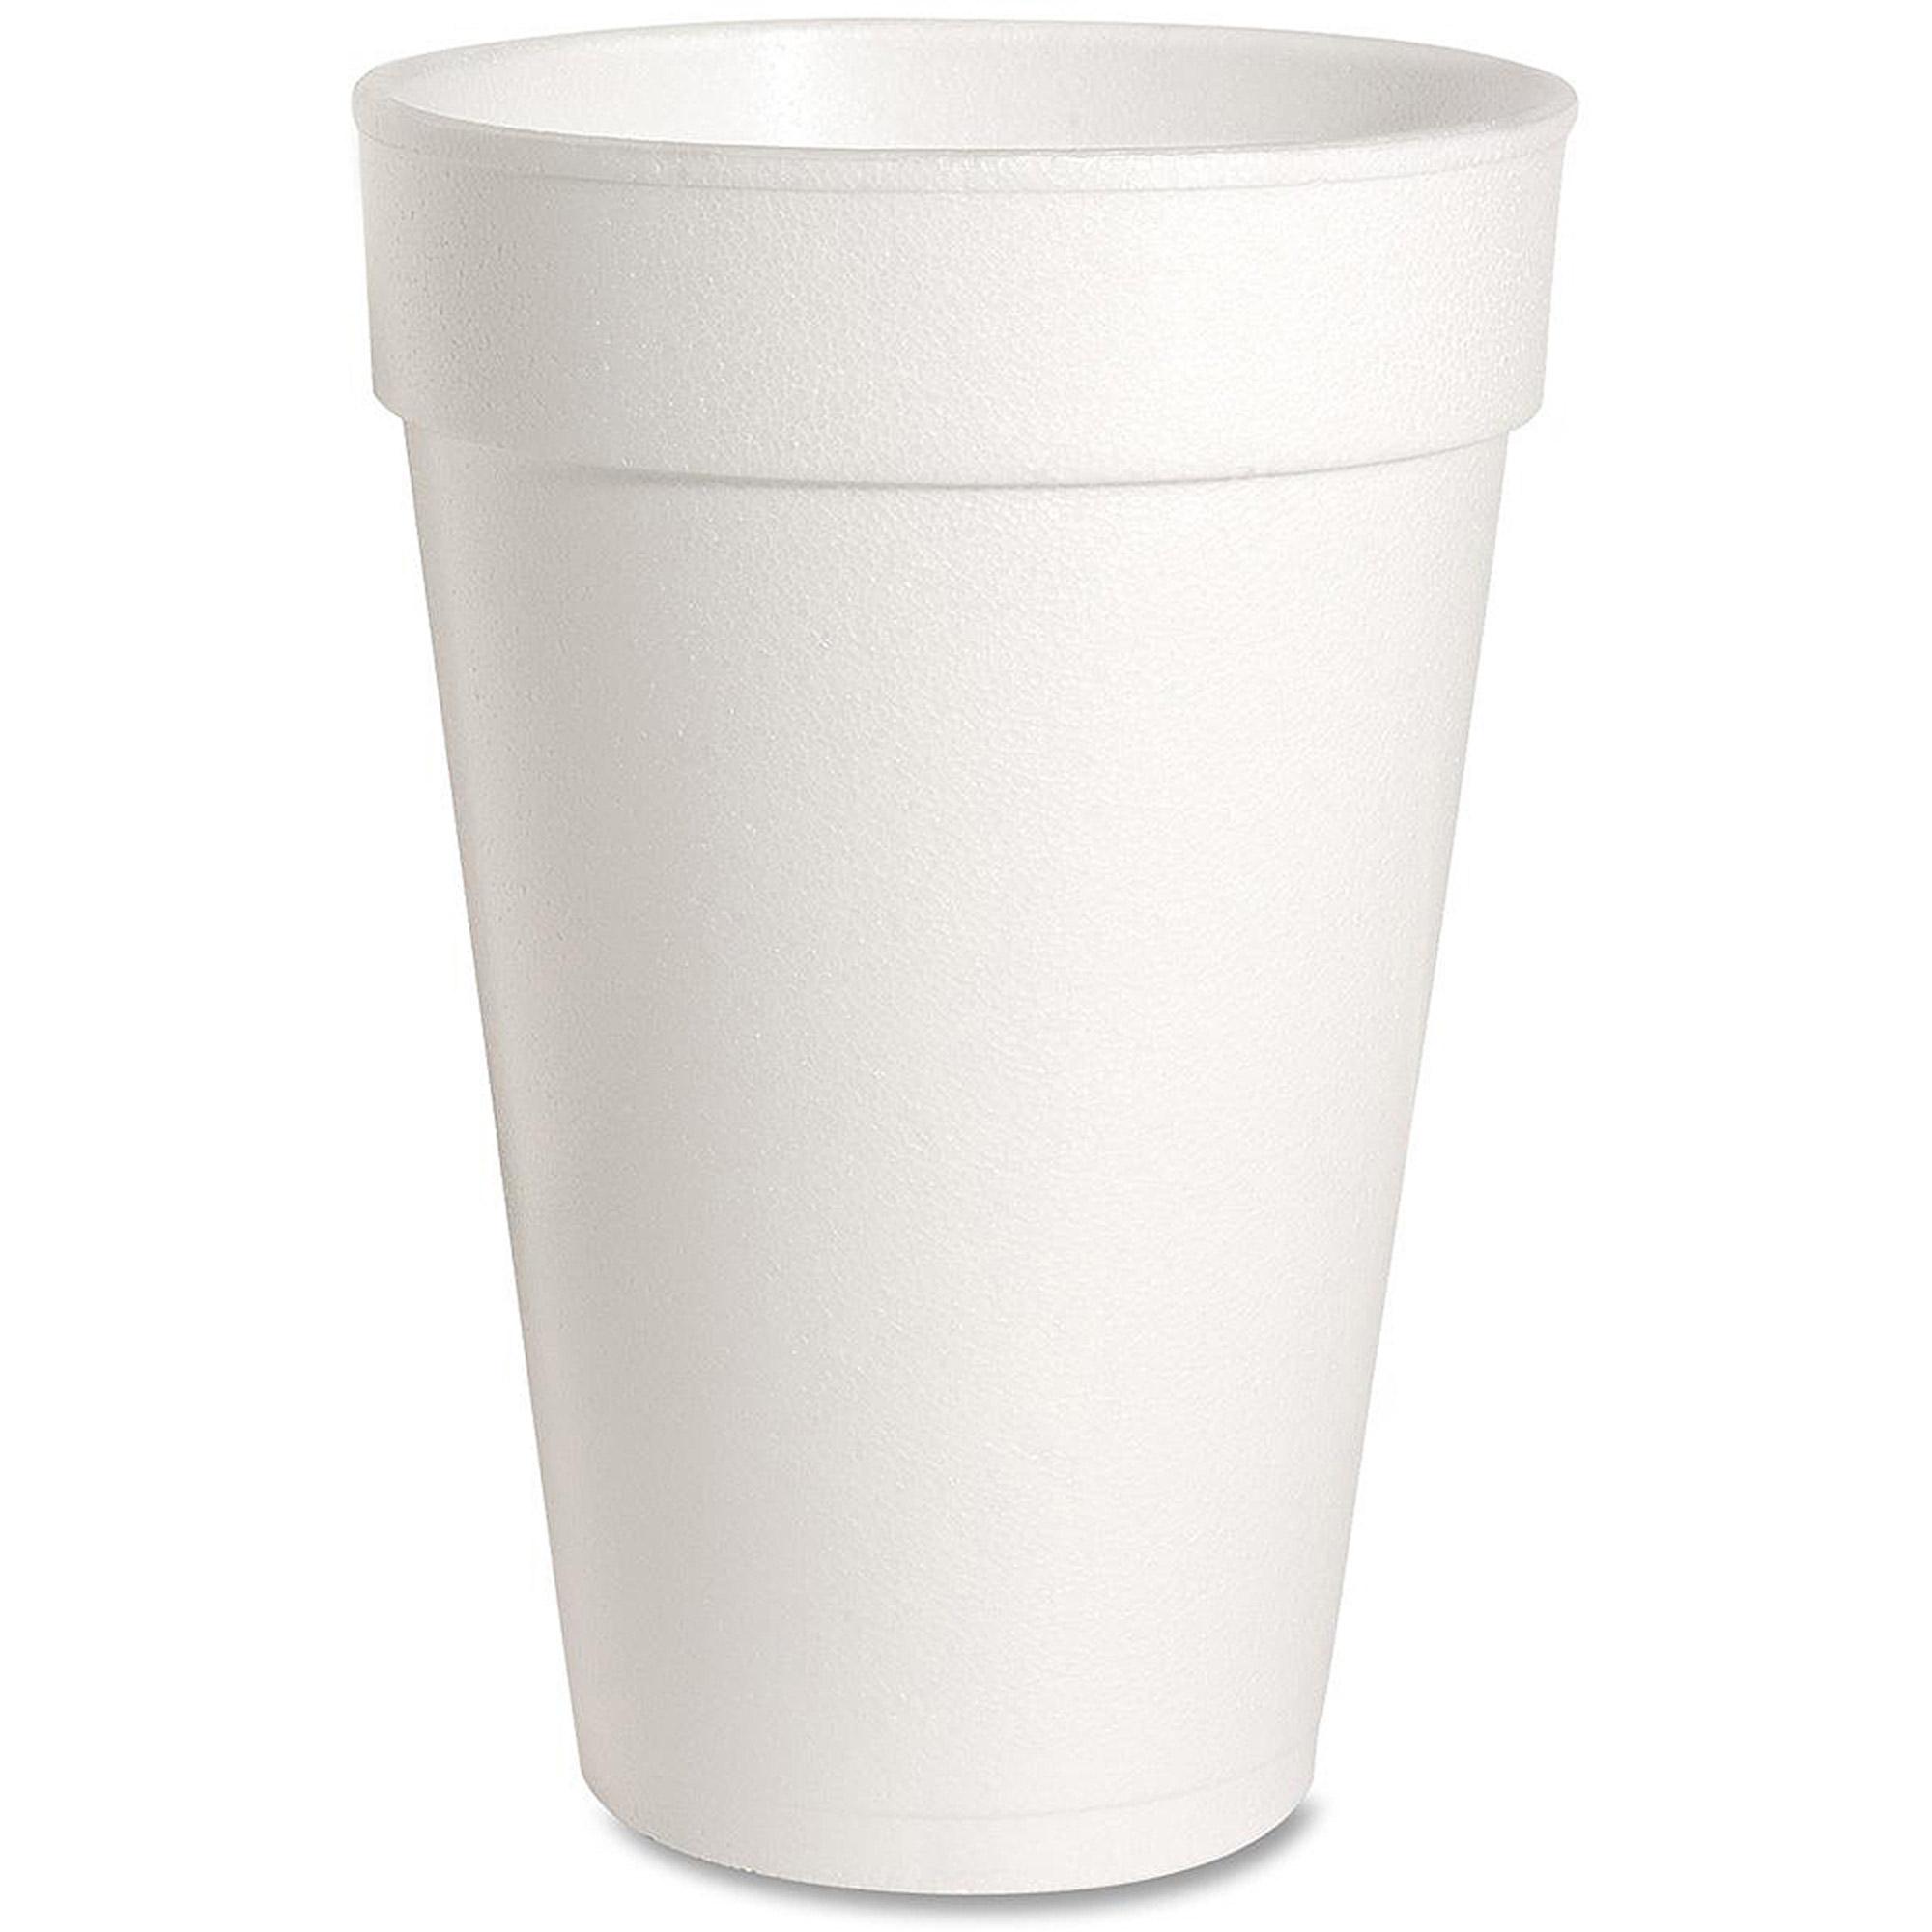 Genuine Joe Hot/Cold Foam Cups, 16 oz, 500 count